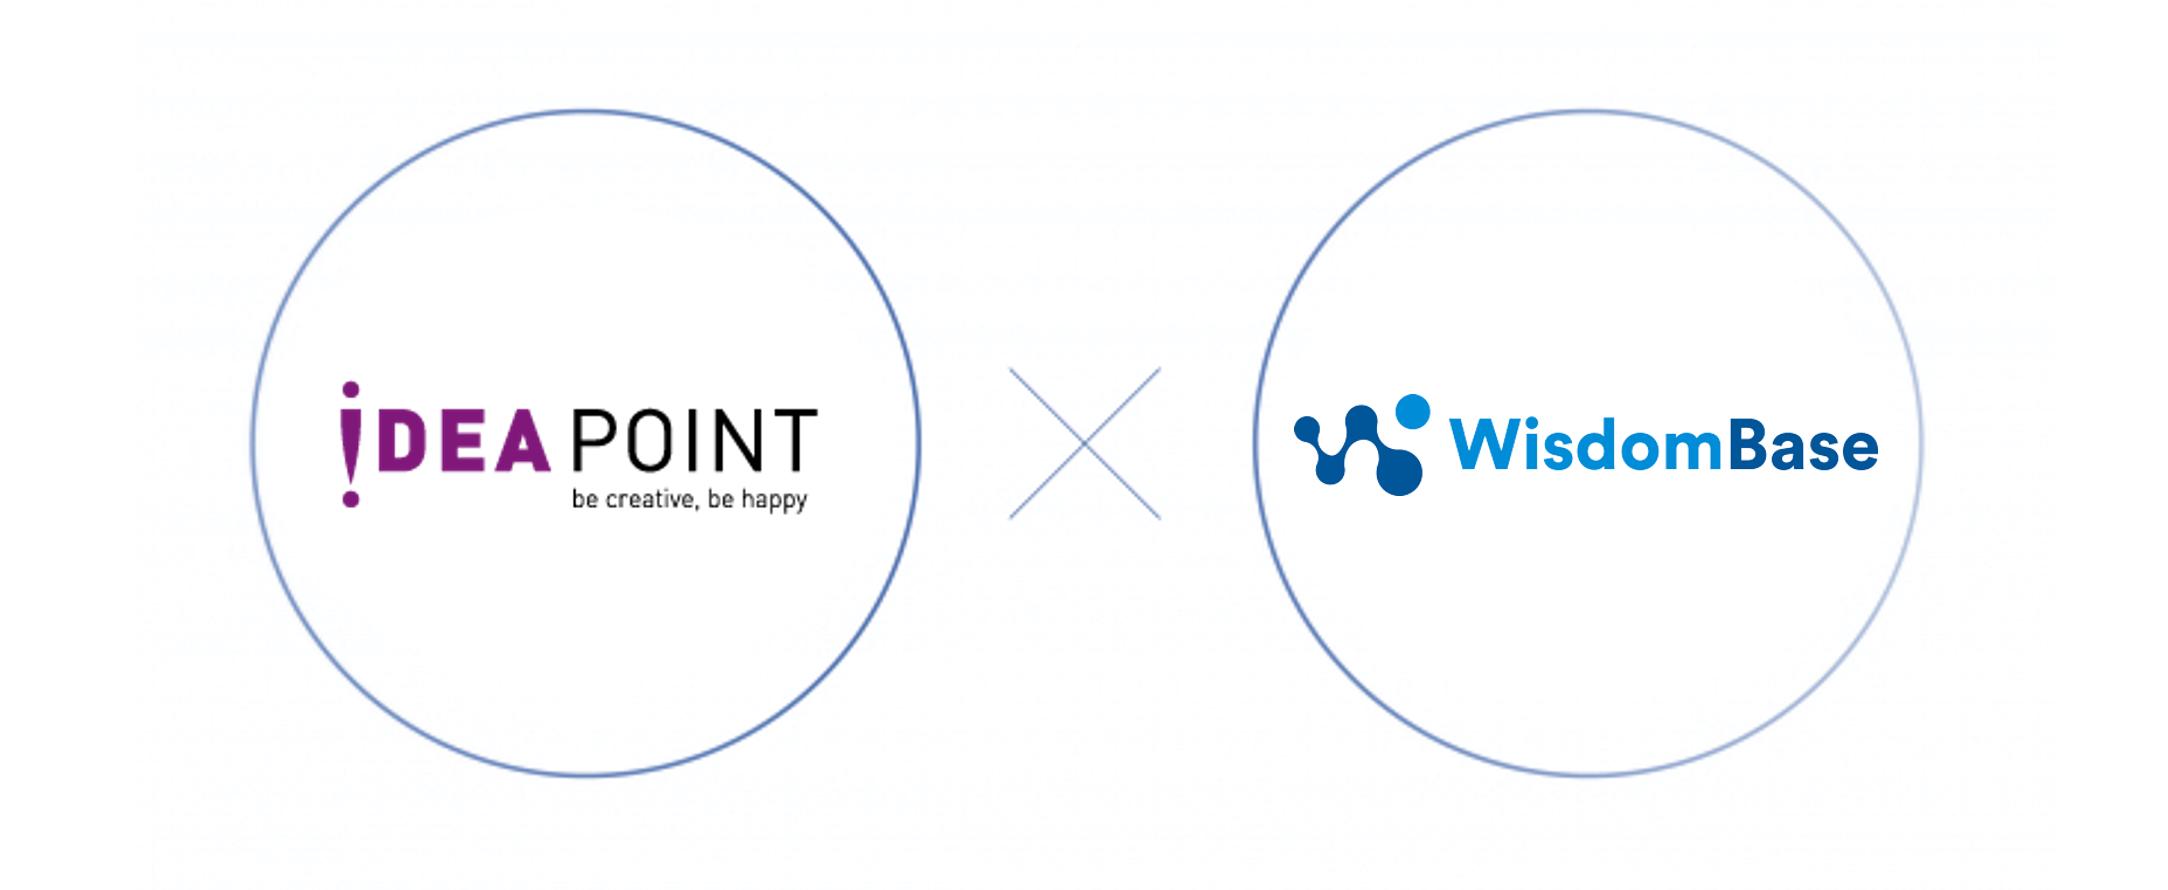 株式会社アイディアポイントのロゴとWisdomBaseのロゴを左右に並べた画像